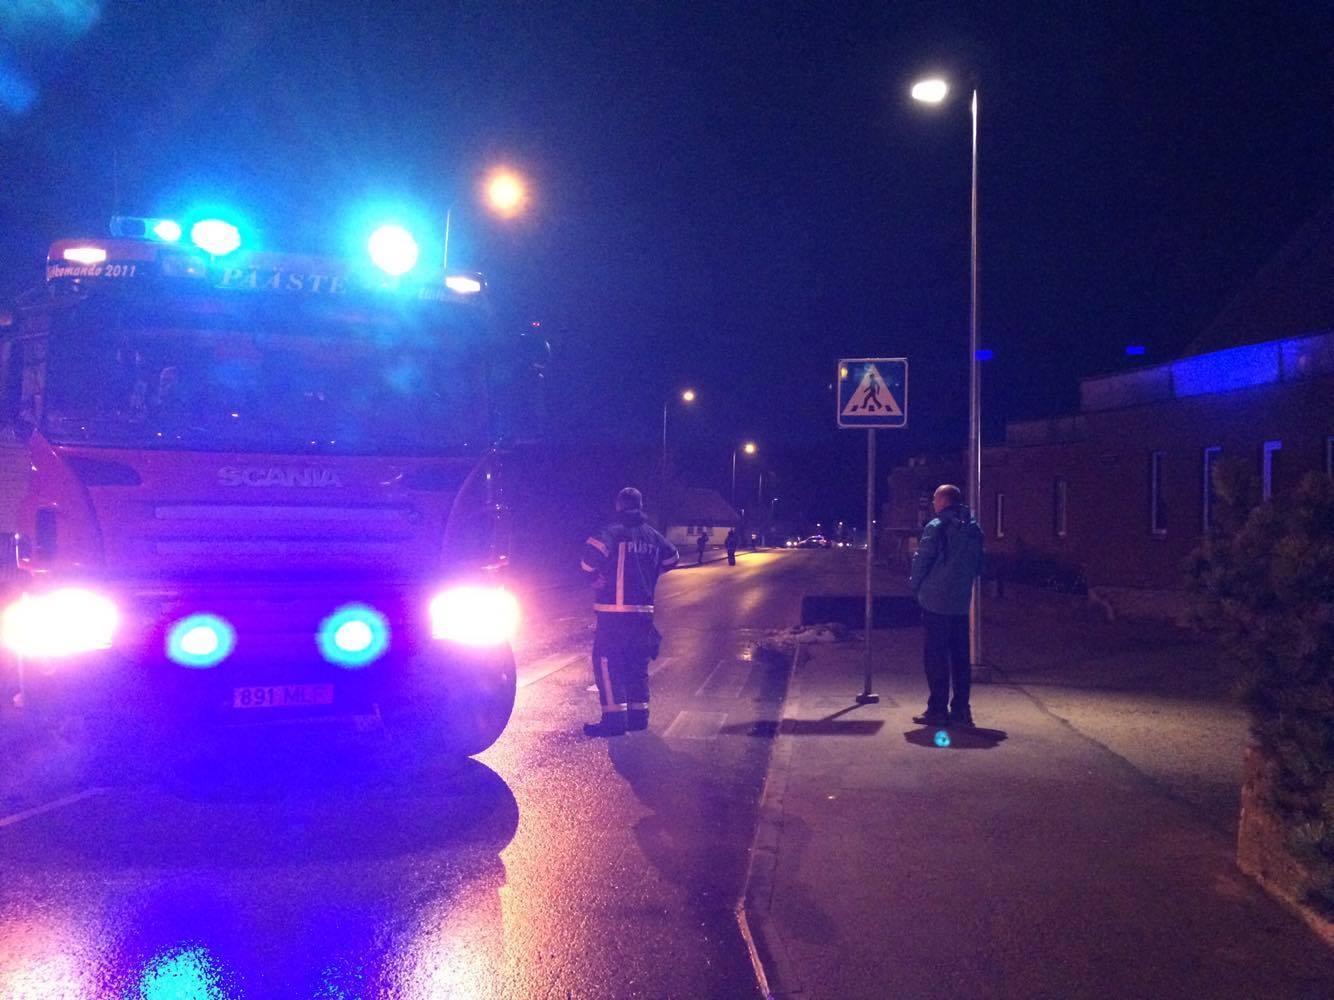 Neljapäeval kell 21.11 teatati häirekeskusele kahtlasest kohvrist Kuressaares bussijaama läheduses. Teataja sõnul oli kõnniteel vanaaegne kohver. Päästjad piirasid sündmuskohal ohuala, politsei sulges liikluseks Pihtla tee ning turvas sündmuskohta. Kohale saabunud […]